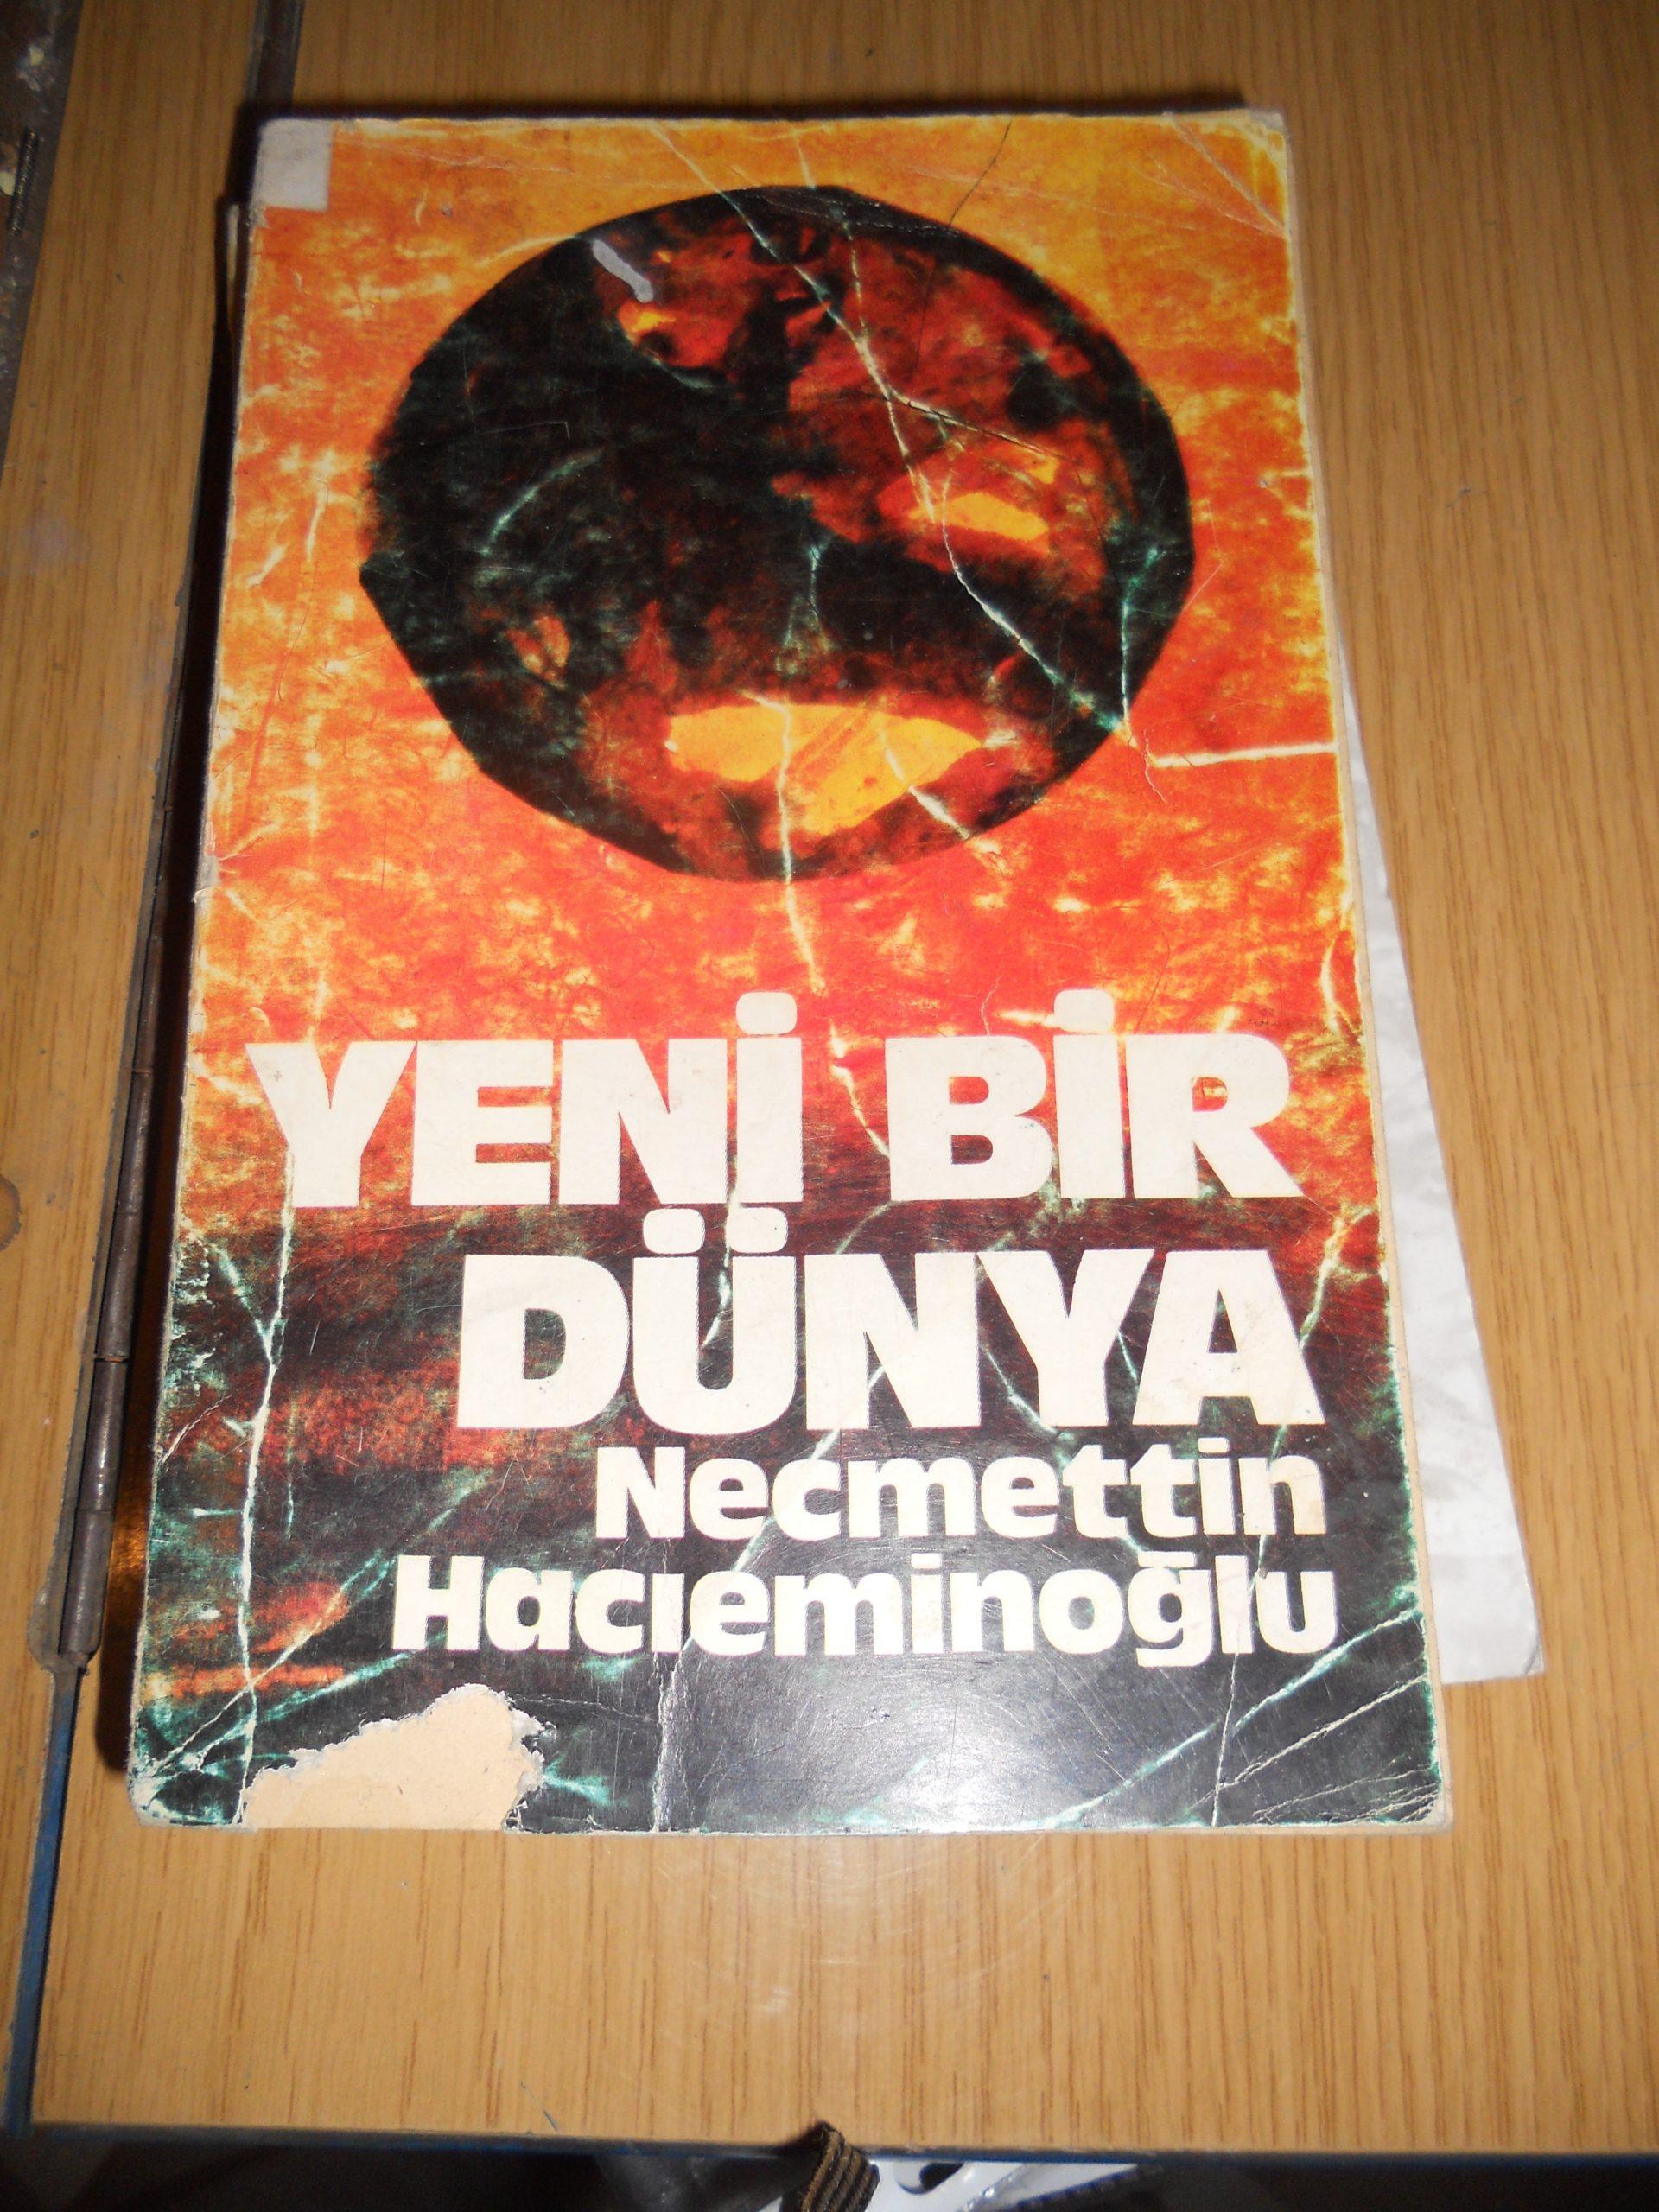 YENİ BİR DÜNYA/Necmettin Hacıeminoğlu/10 TL